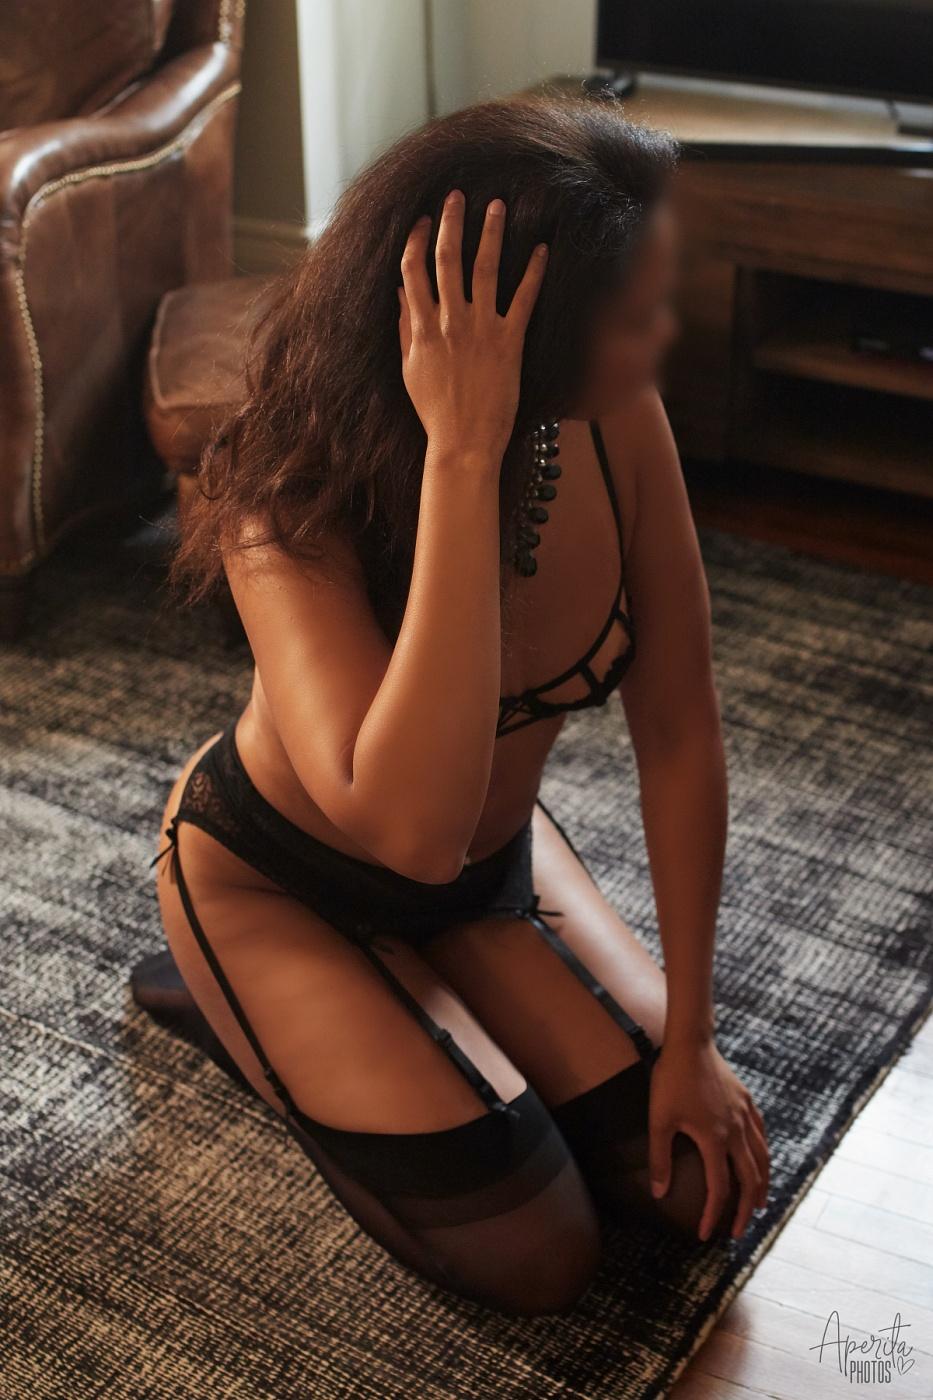 Mia Ramos